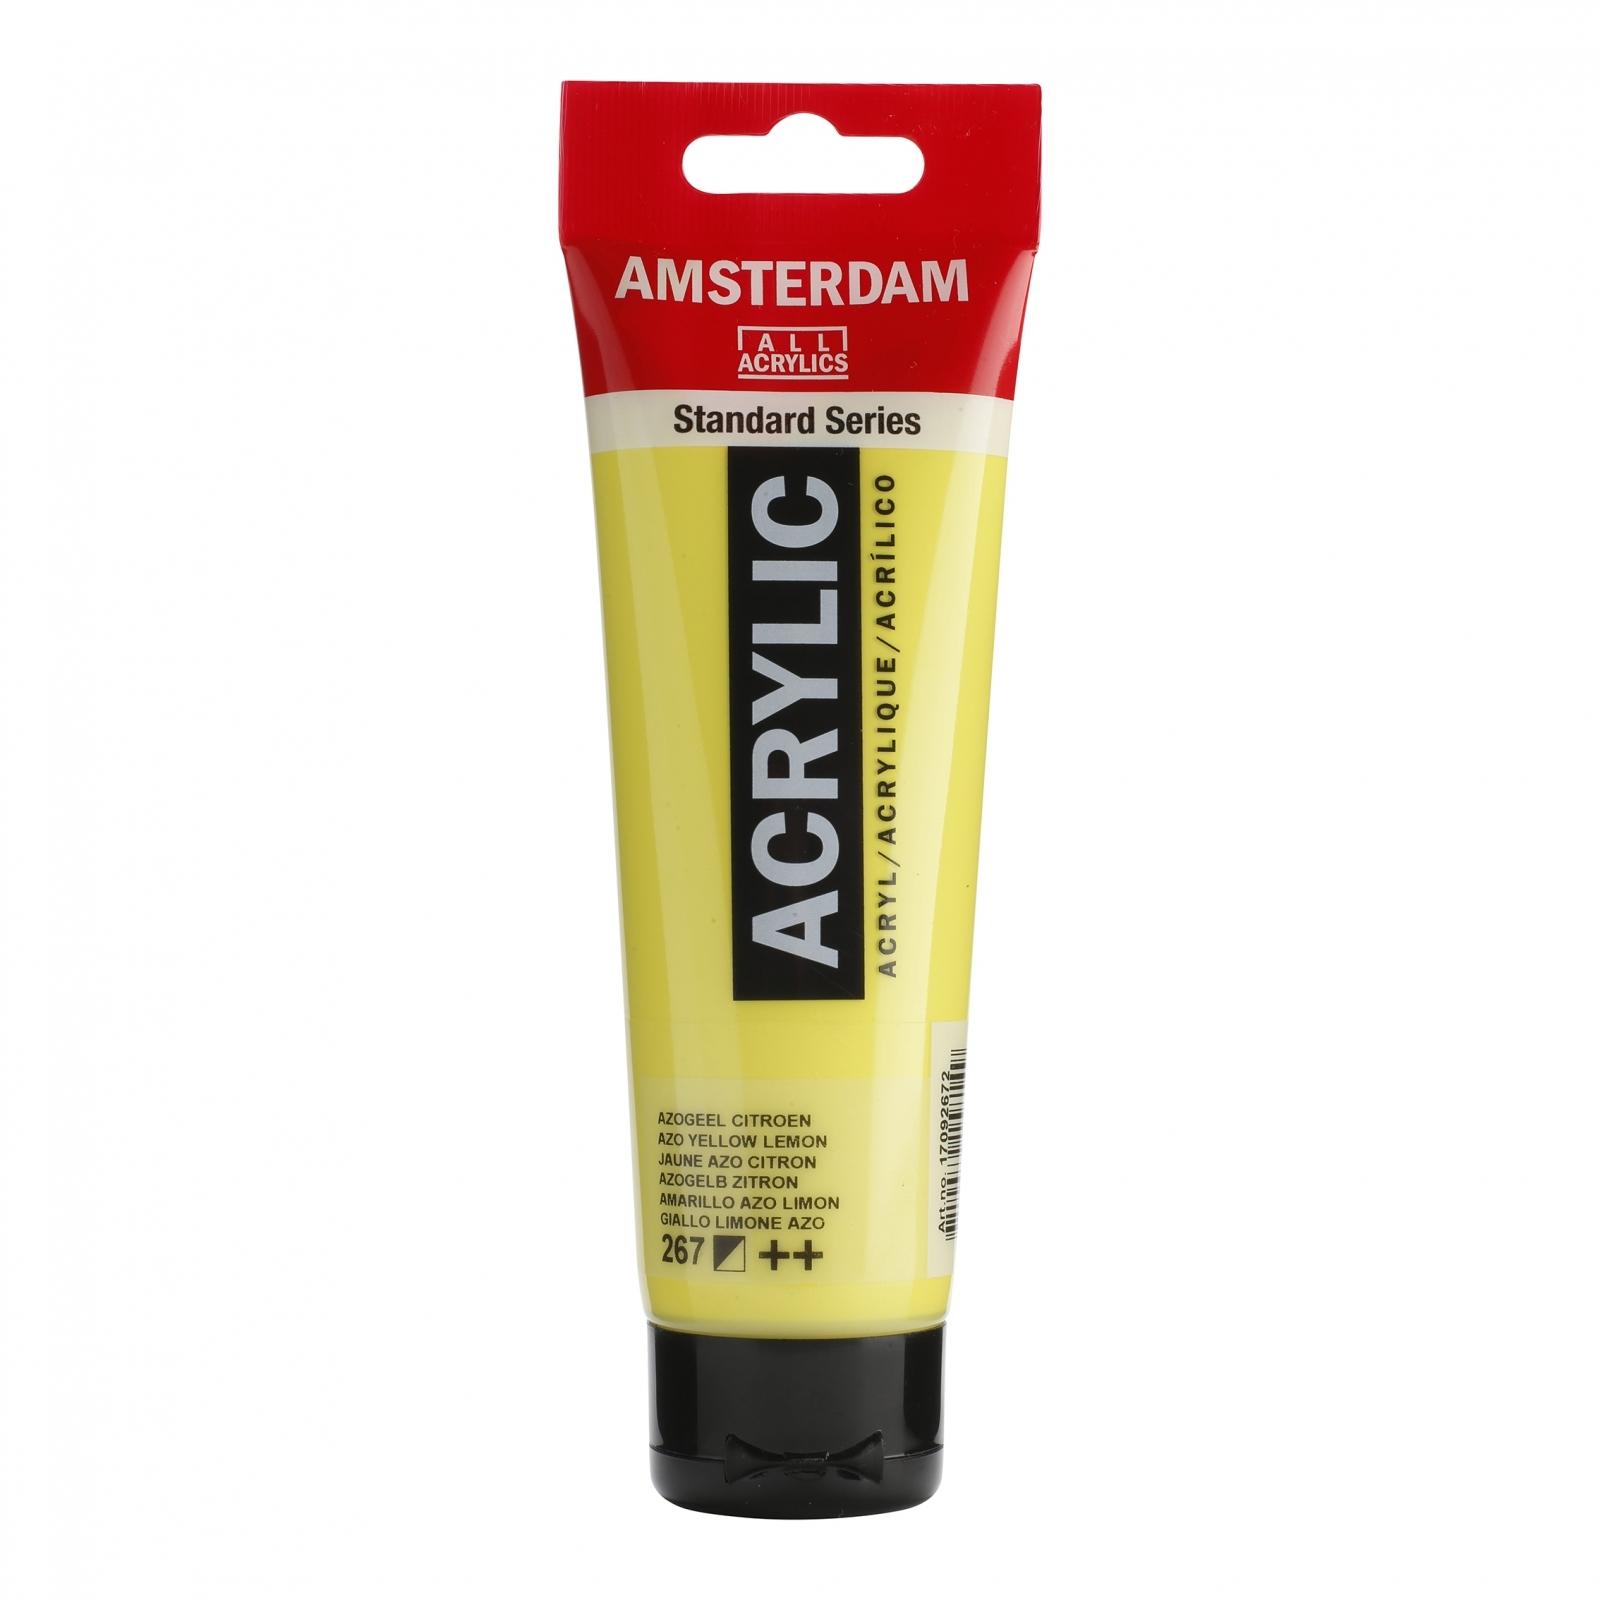 Tinta Acrílica Amsterdam Amarelo Limão Azo 120ml (++267) - Papelaria Botafogo